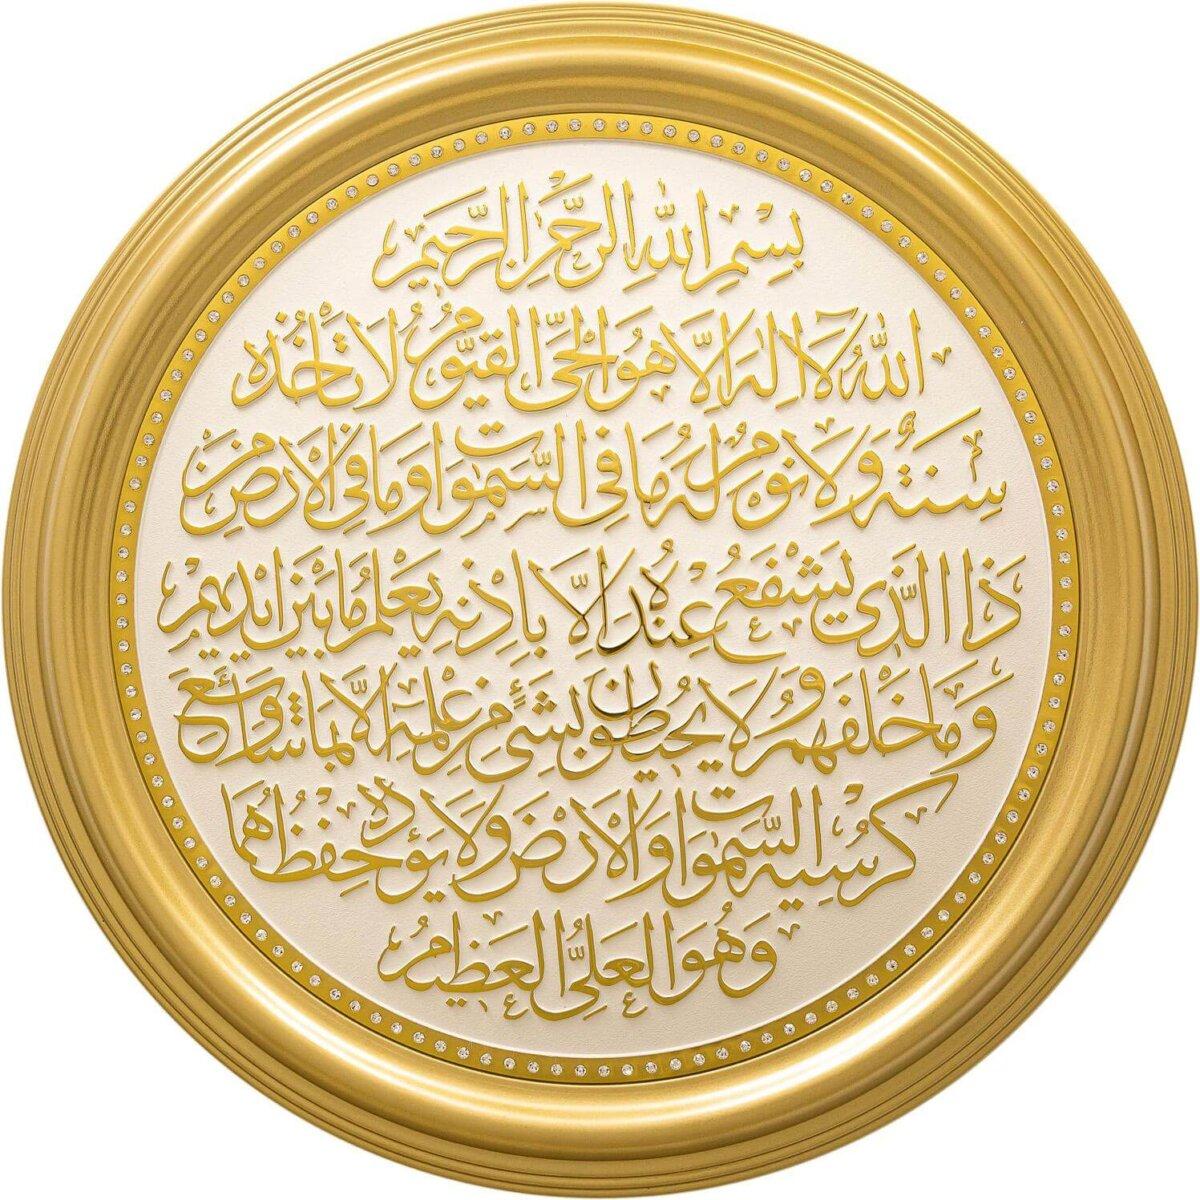 46cm Ayetel Kürsi Yazılı Yuvarlak Dini Tablo Ayetli Tablolar